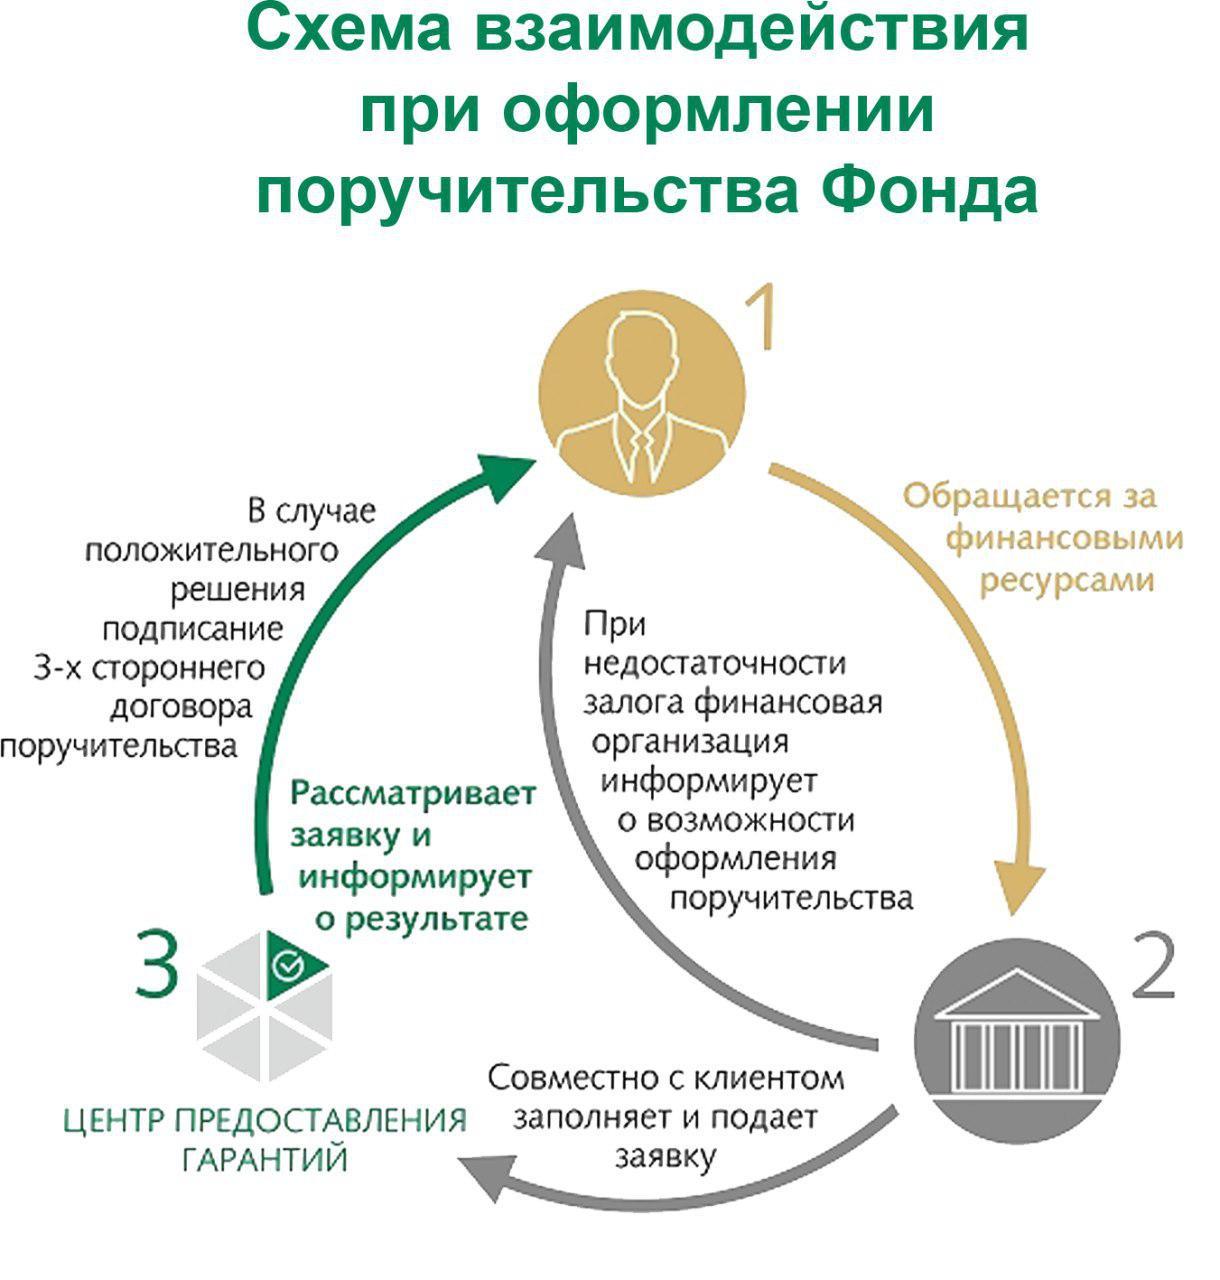 Кредит помощь малому бизнесу в алтайском крае